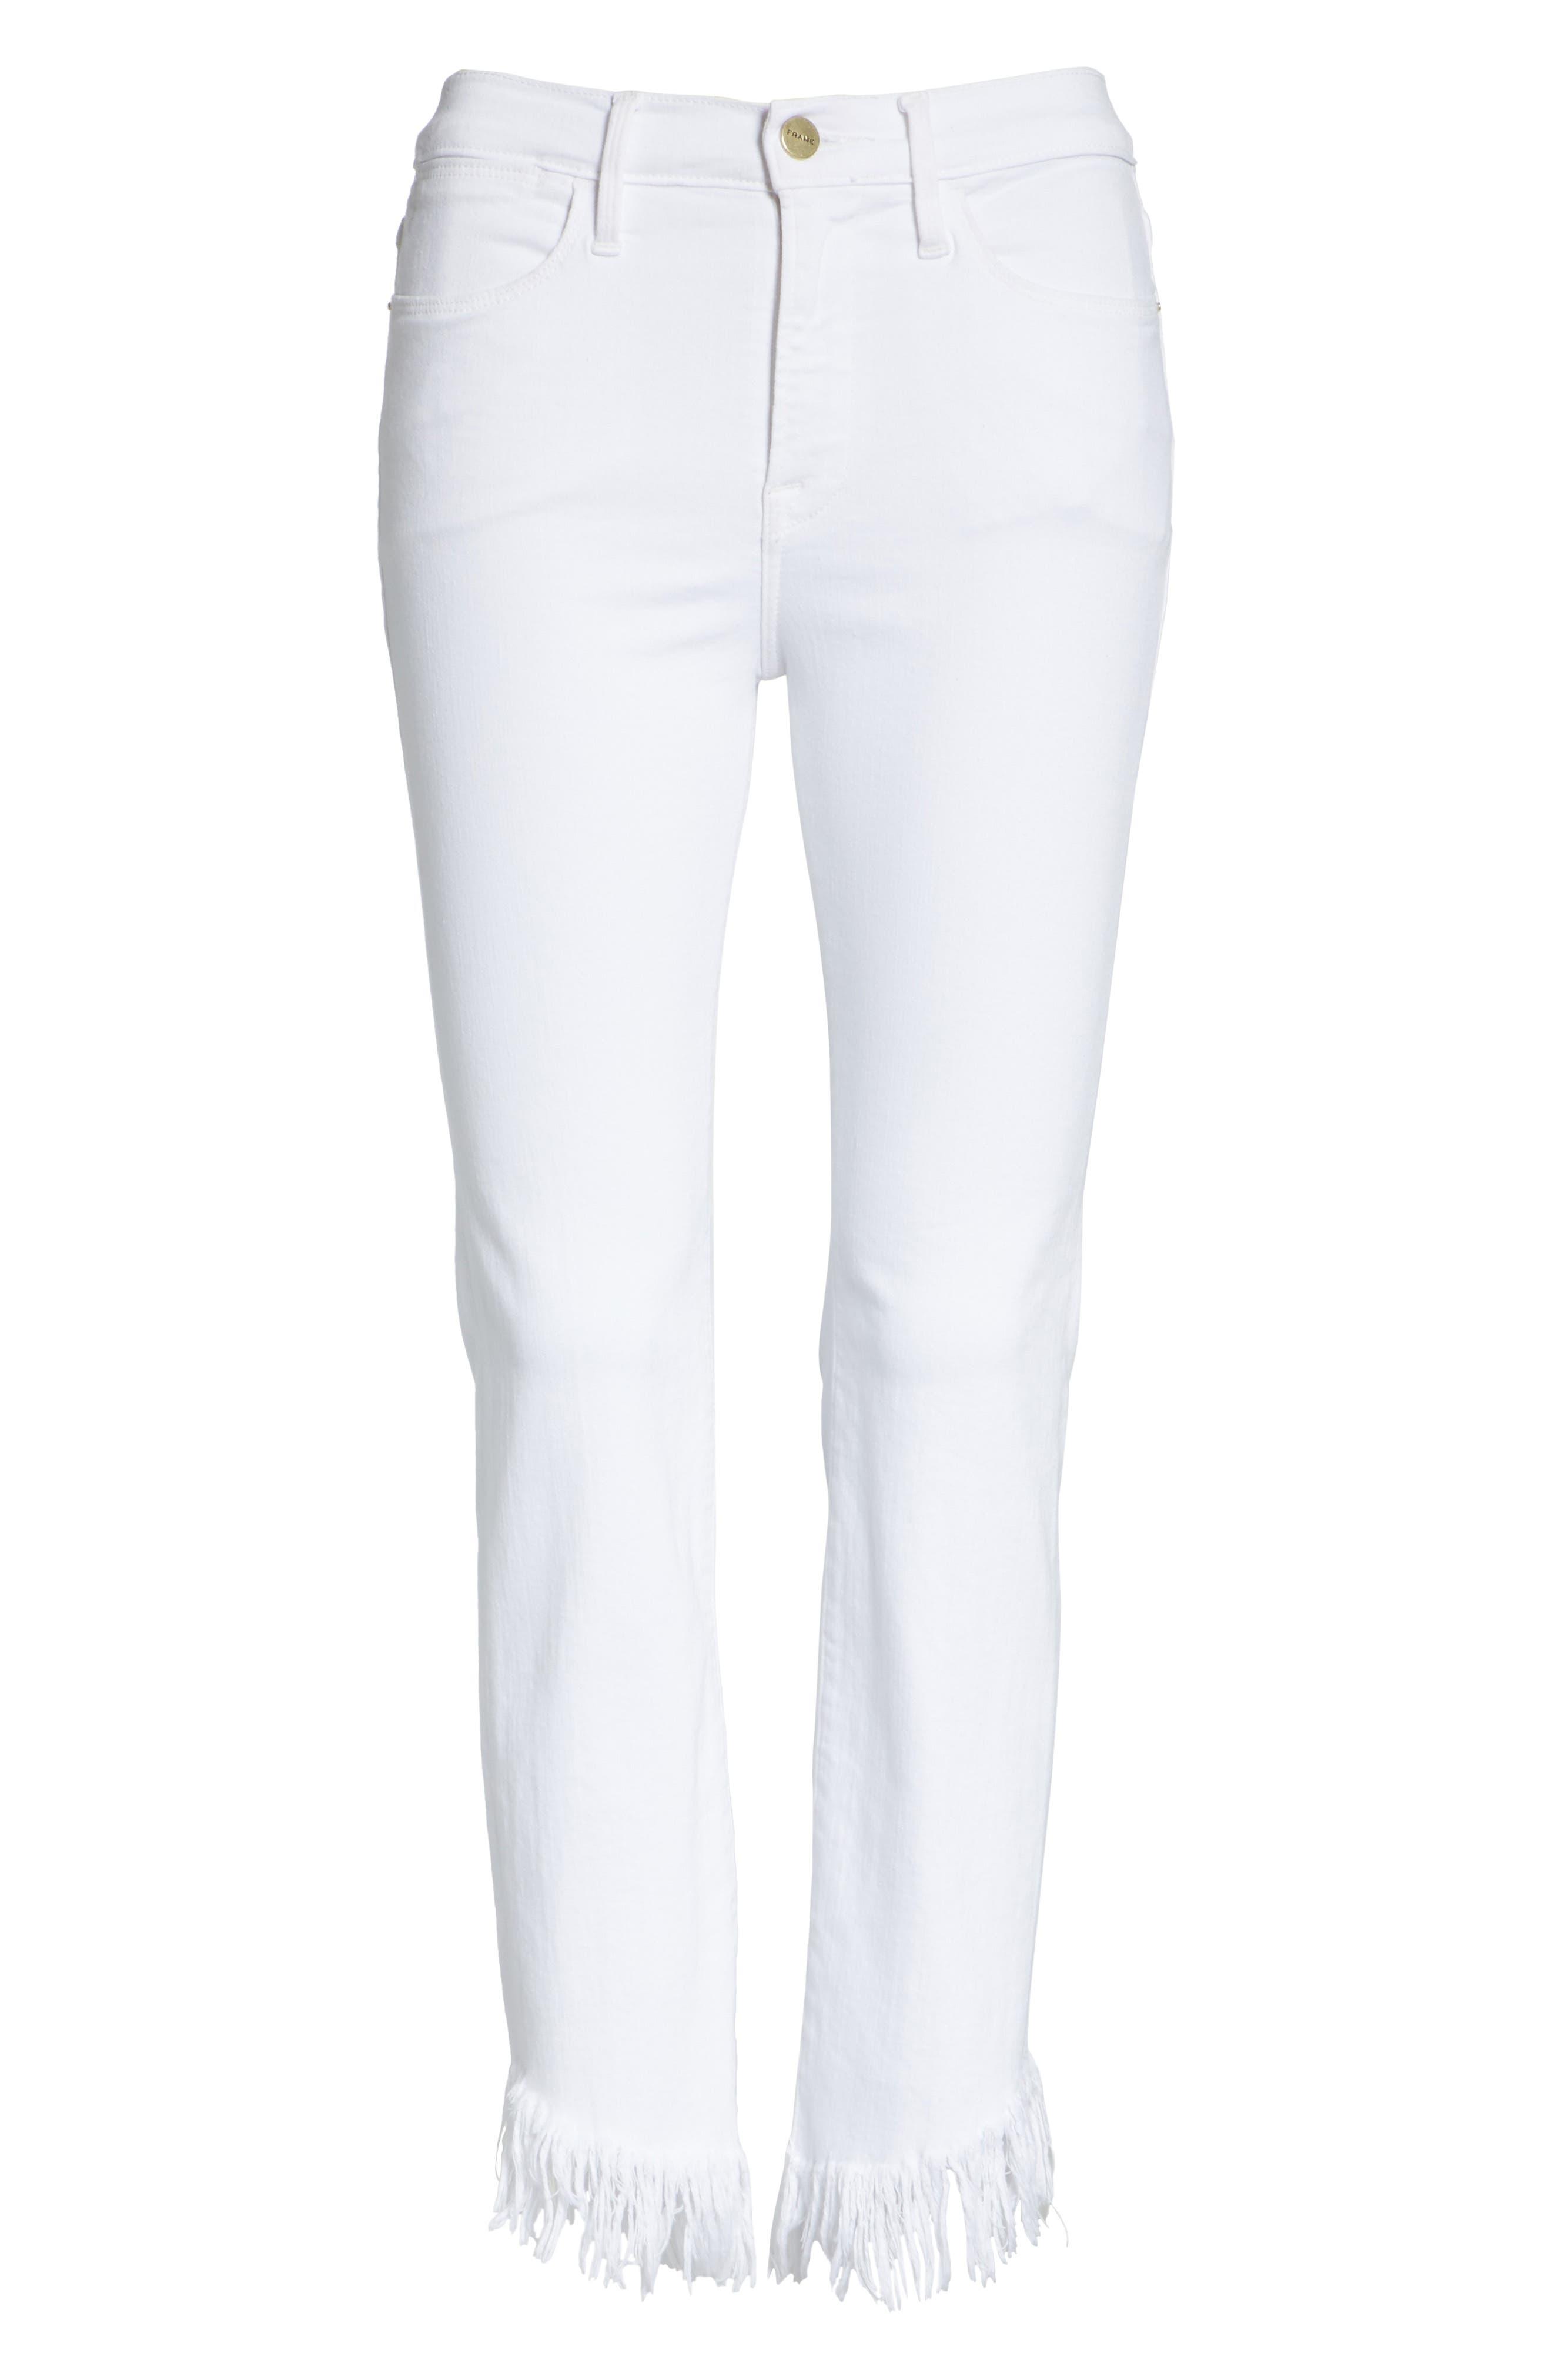 Le High Shredded Straight Leg Jeans,                             Alternate thumbnail 6, color,                             199